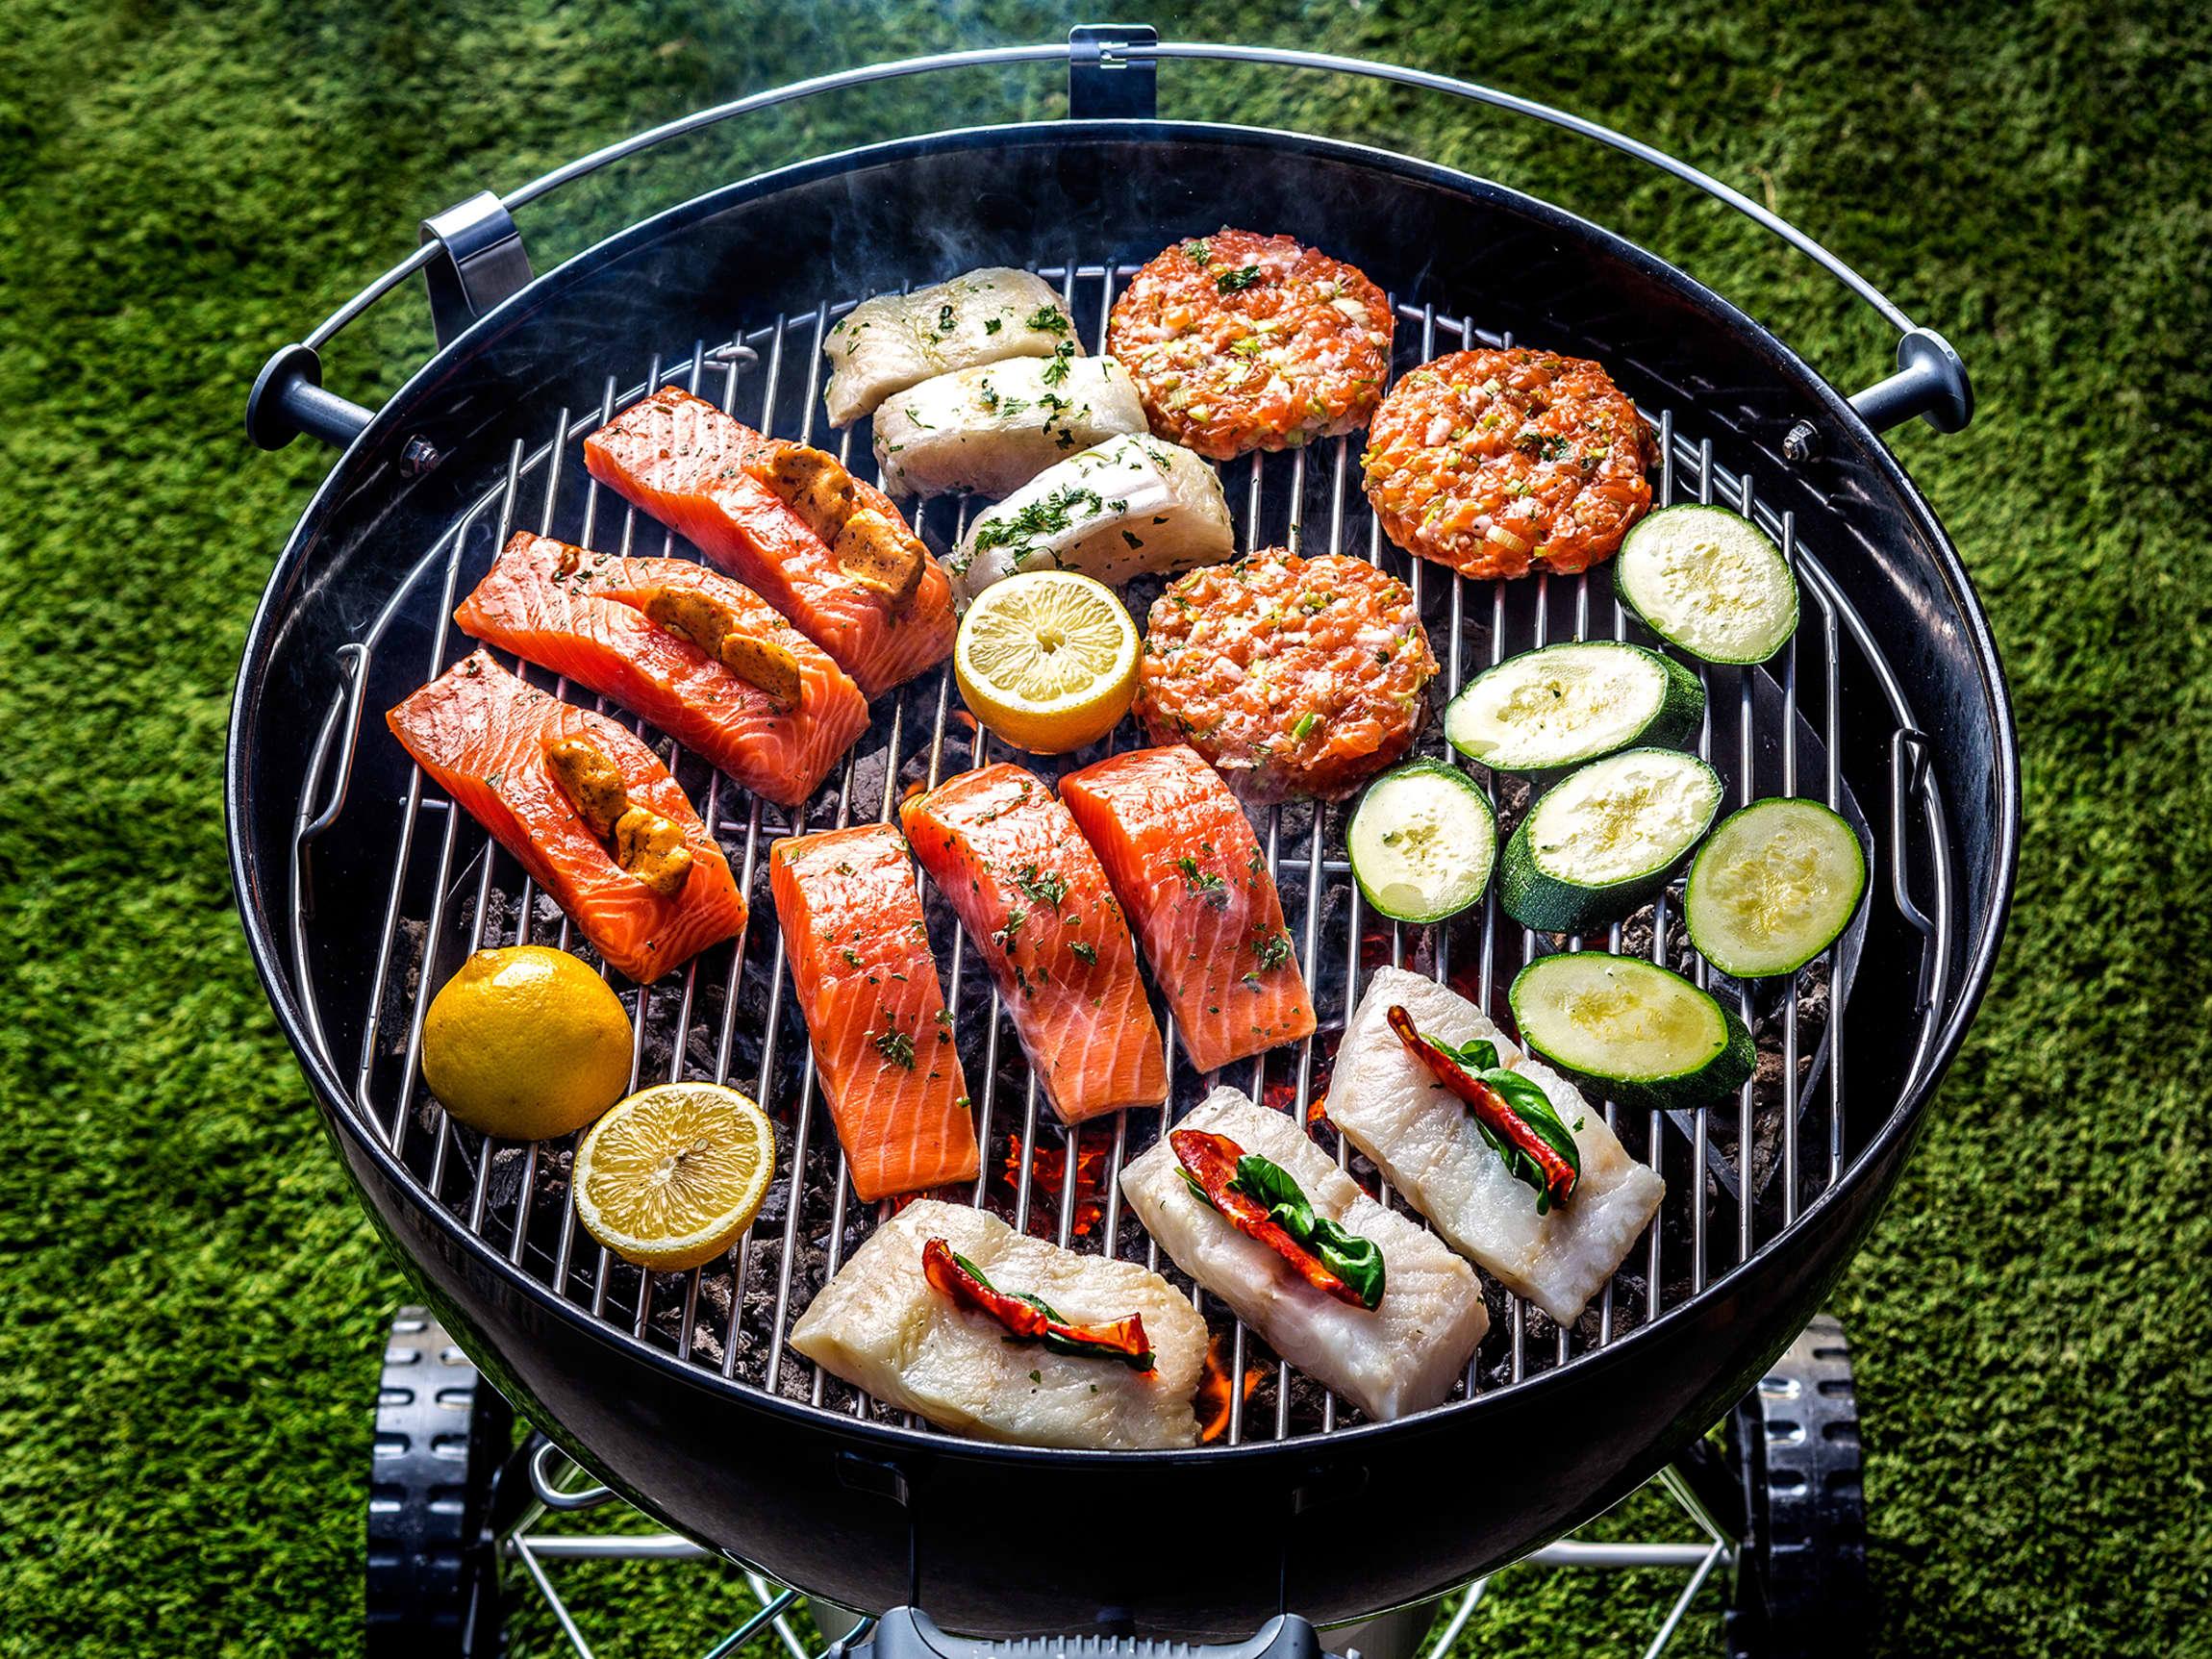 Alt kan grilles! Fisk og grønnsaker passer like godt å grille som burger og biff.